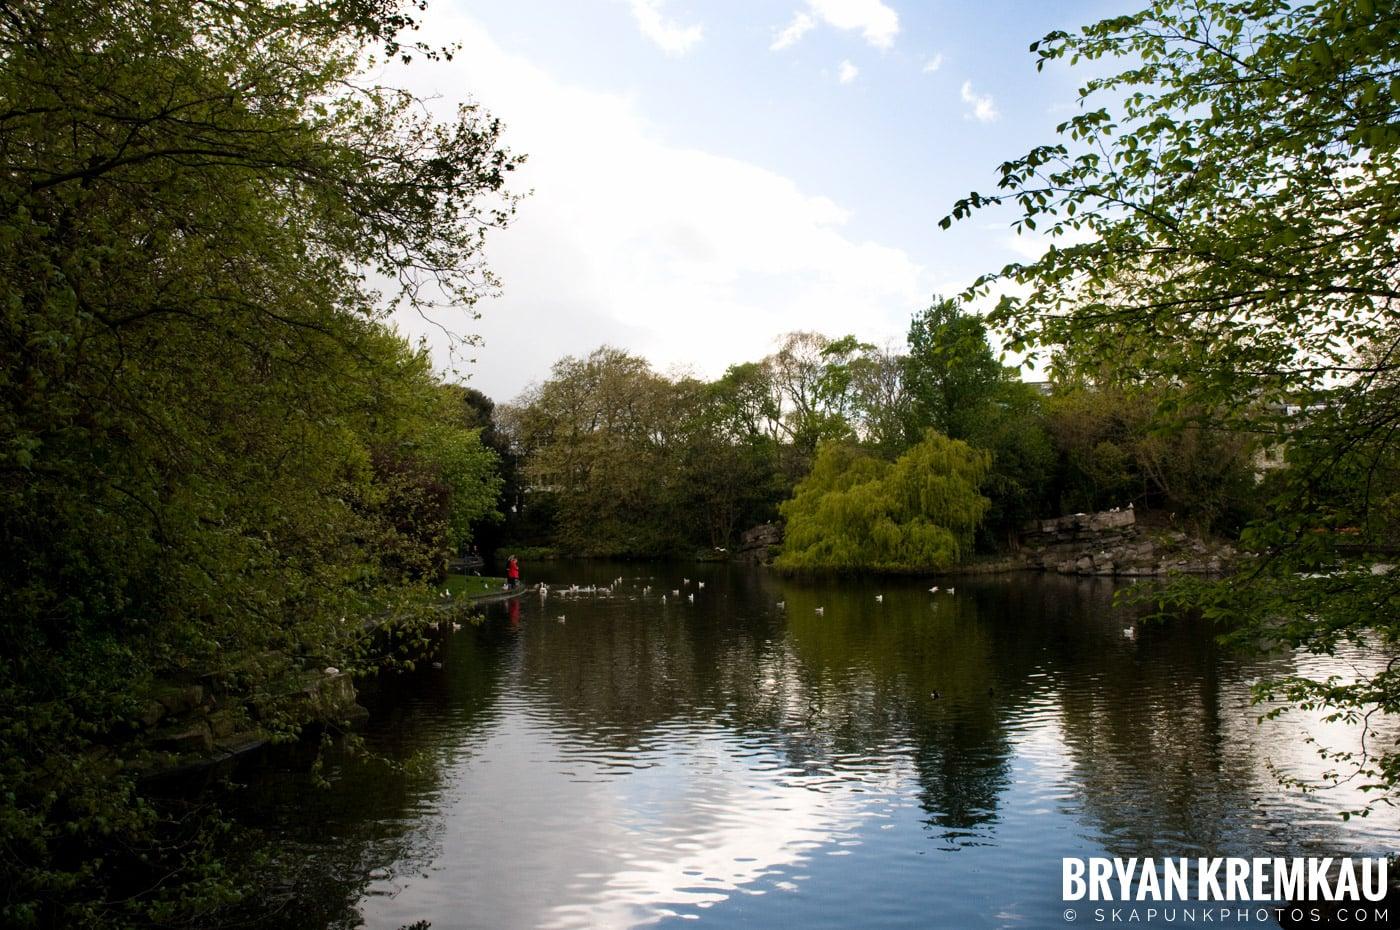 Dublin, Ireland Vacation - Day 1 (5)